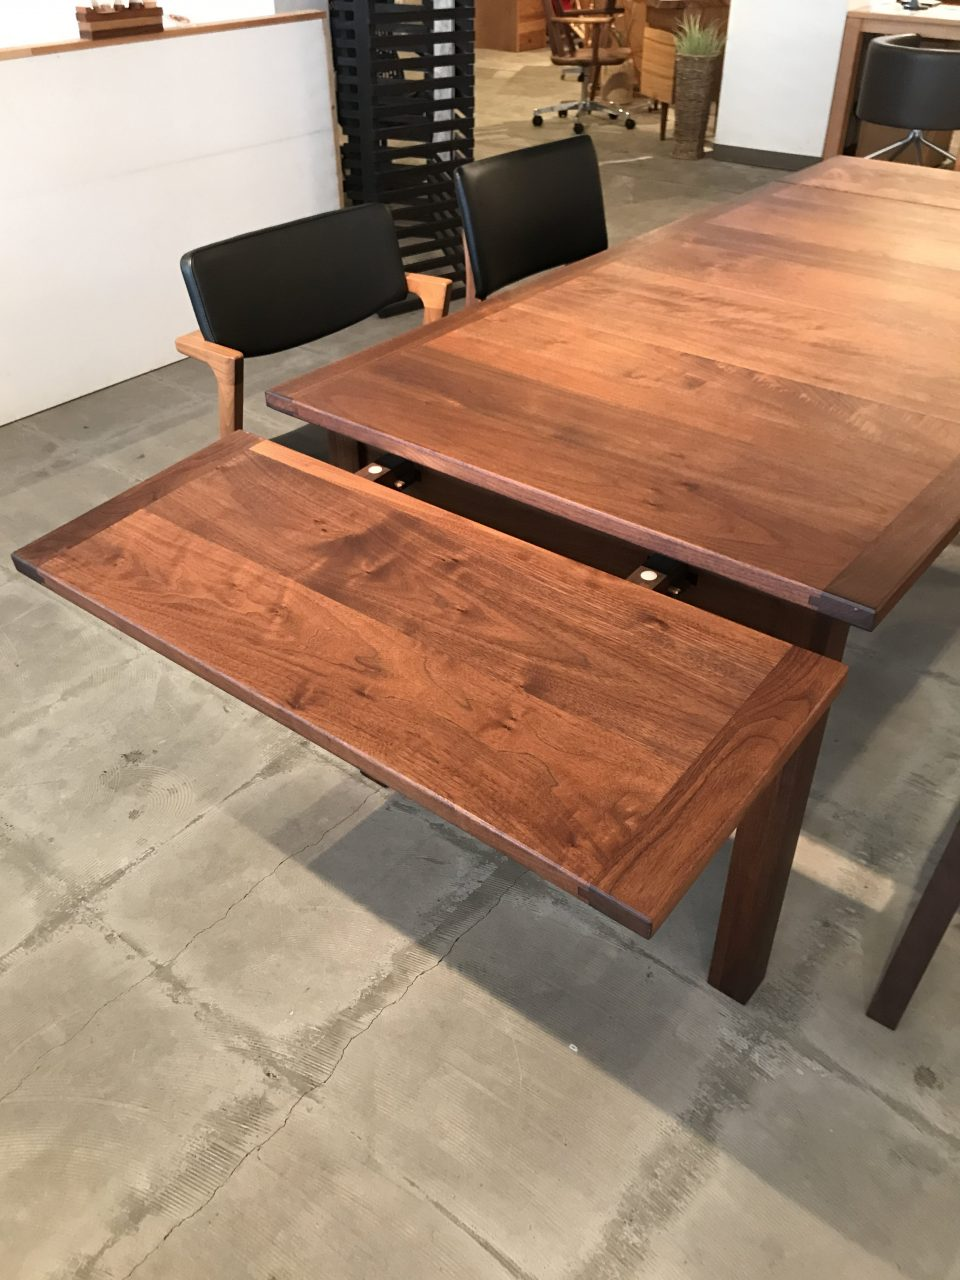 伸長式のウォールナット材のダイニングテーブルは天板がスライドして大きくなります